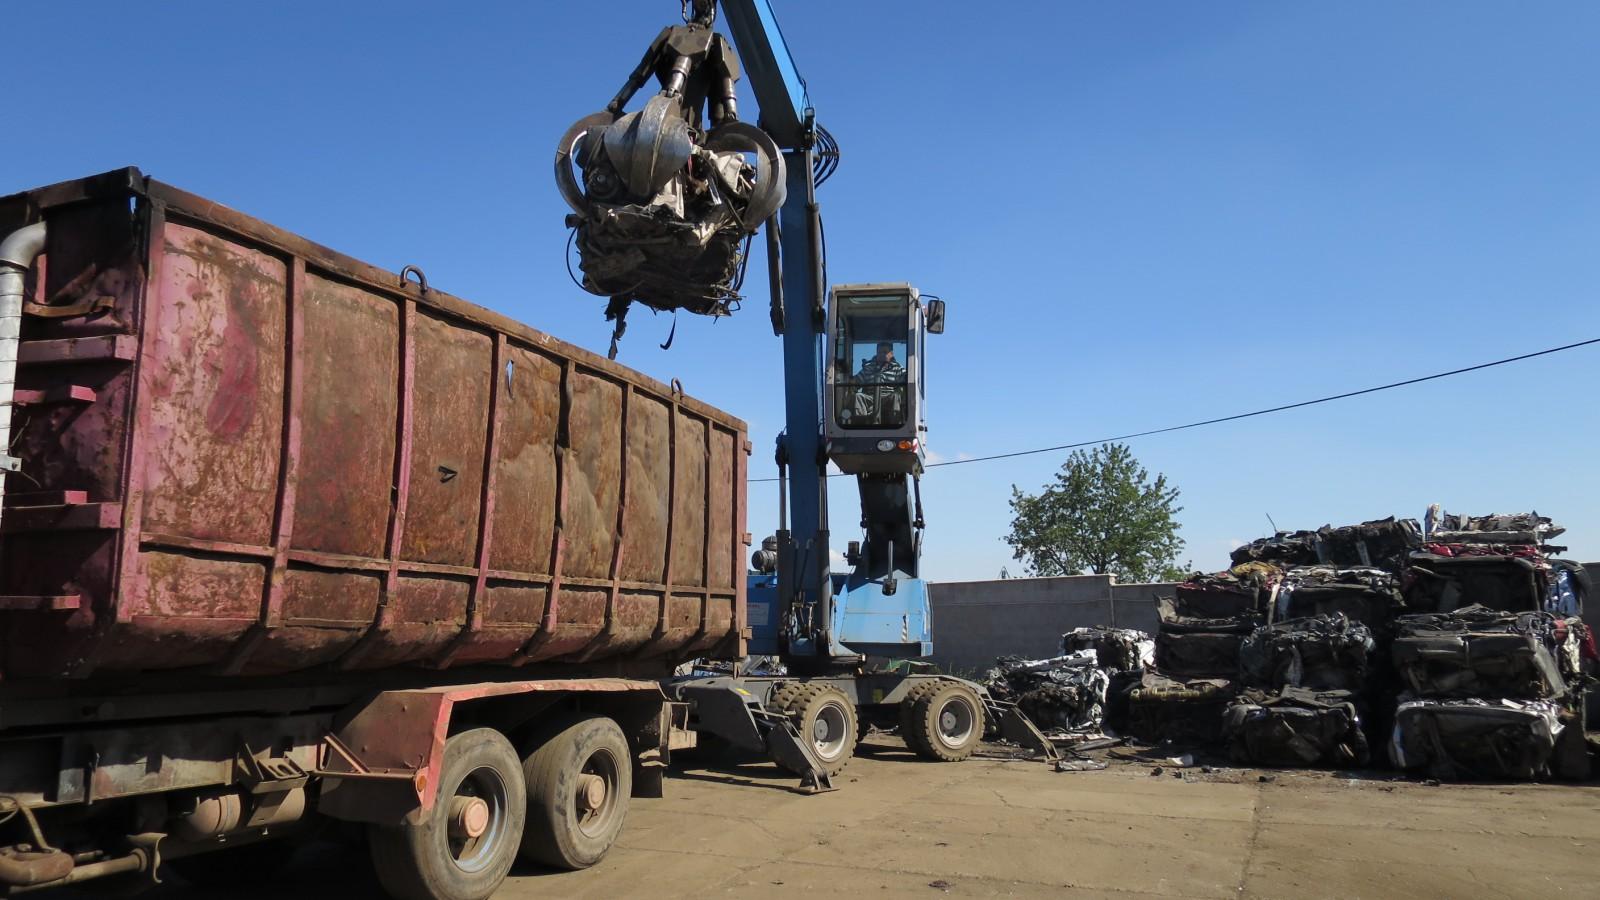 Výkup a likvidaci starého vozidla zajistí společnost HULMAN - kovošrot s.r.o.